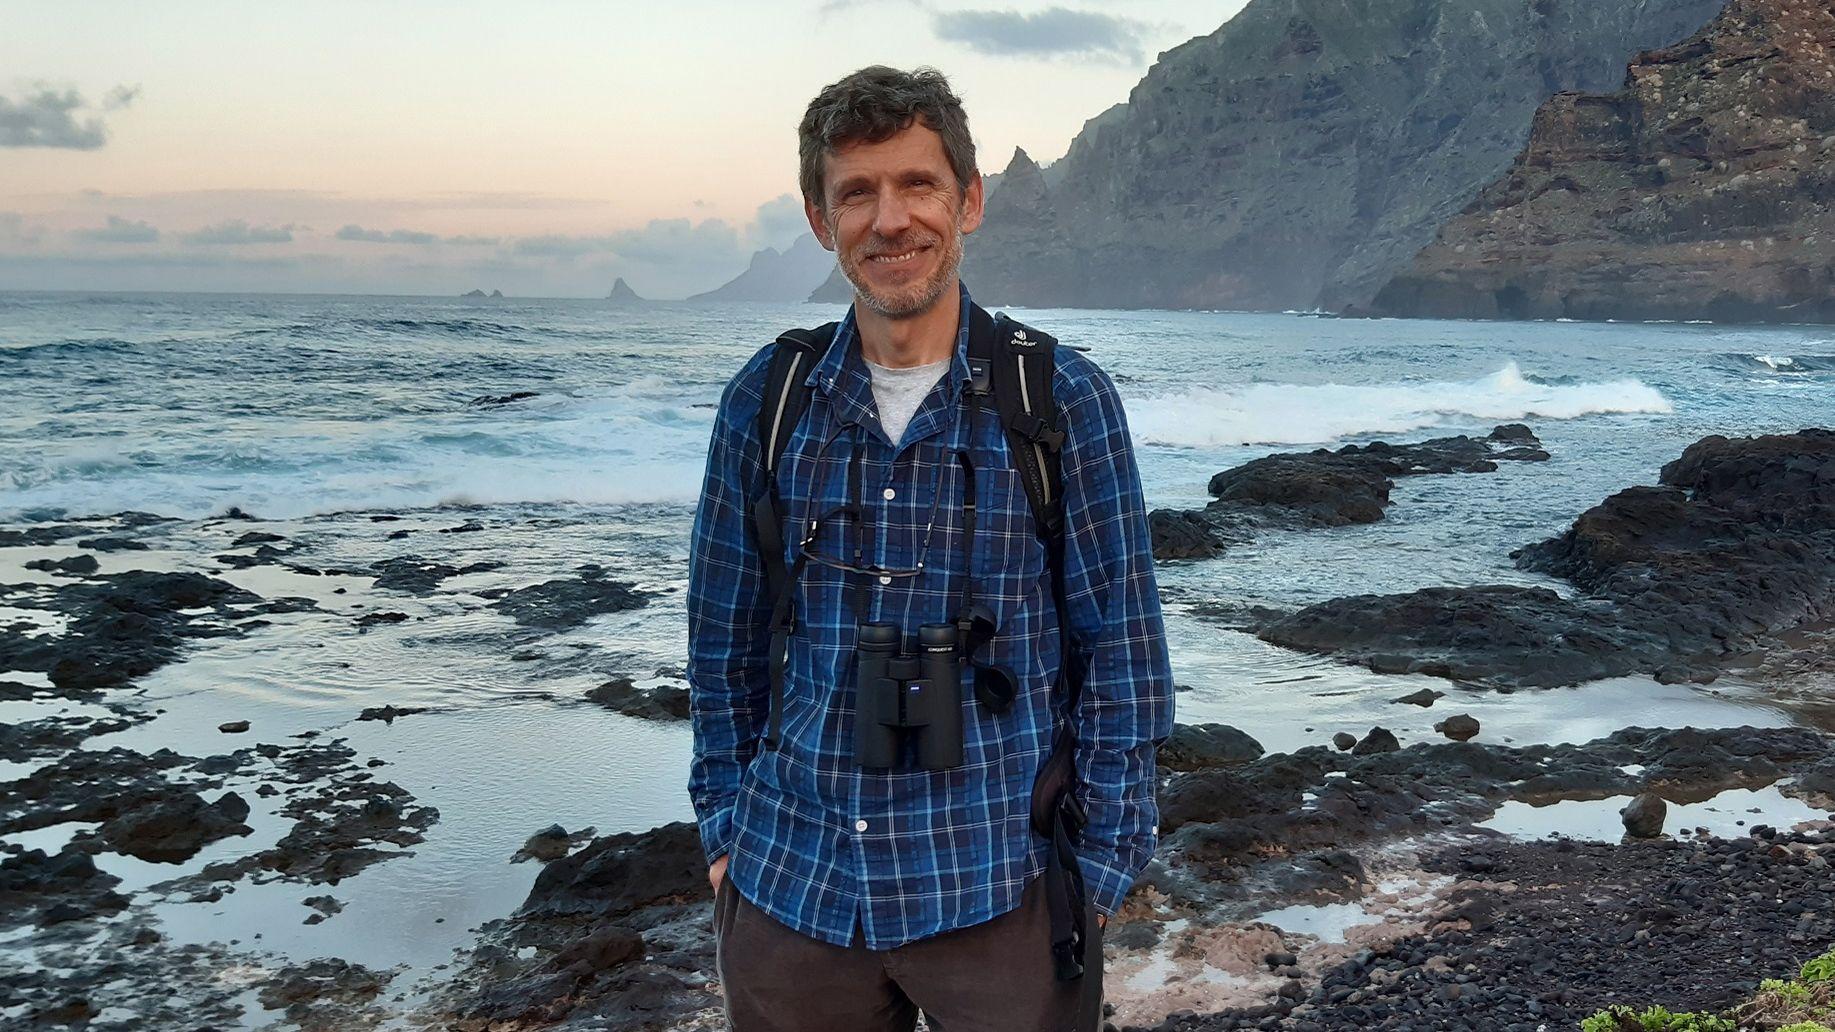 El catedrático de ecología de la Universidad de Oviedo, Daniel García García